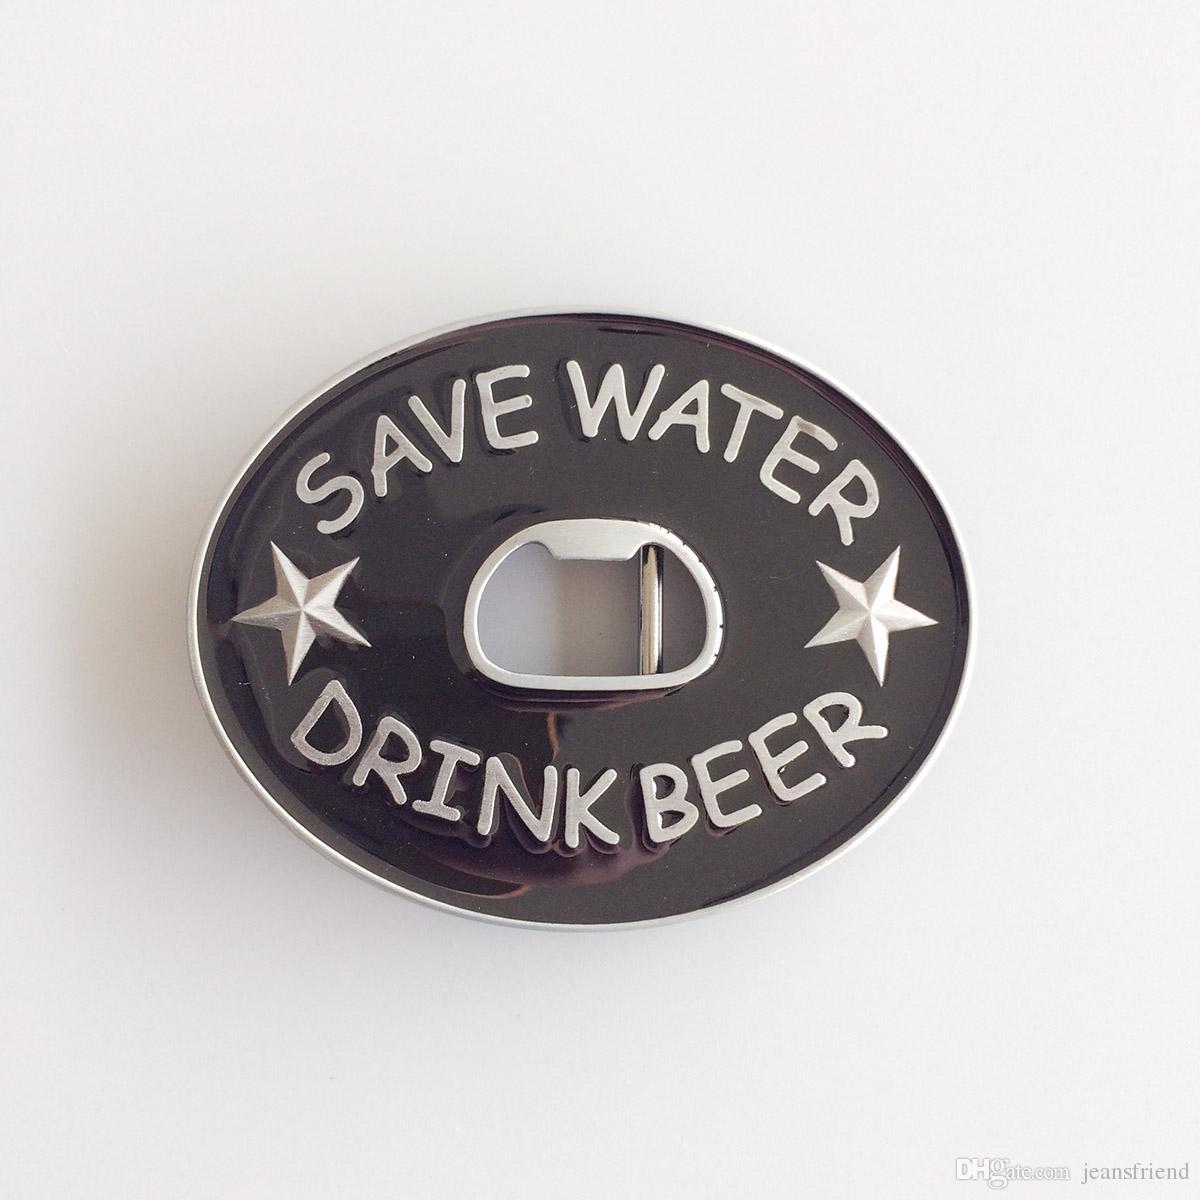 Nova economizar água beber cerveja abridor de garrafa fivela de cinto